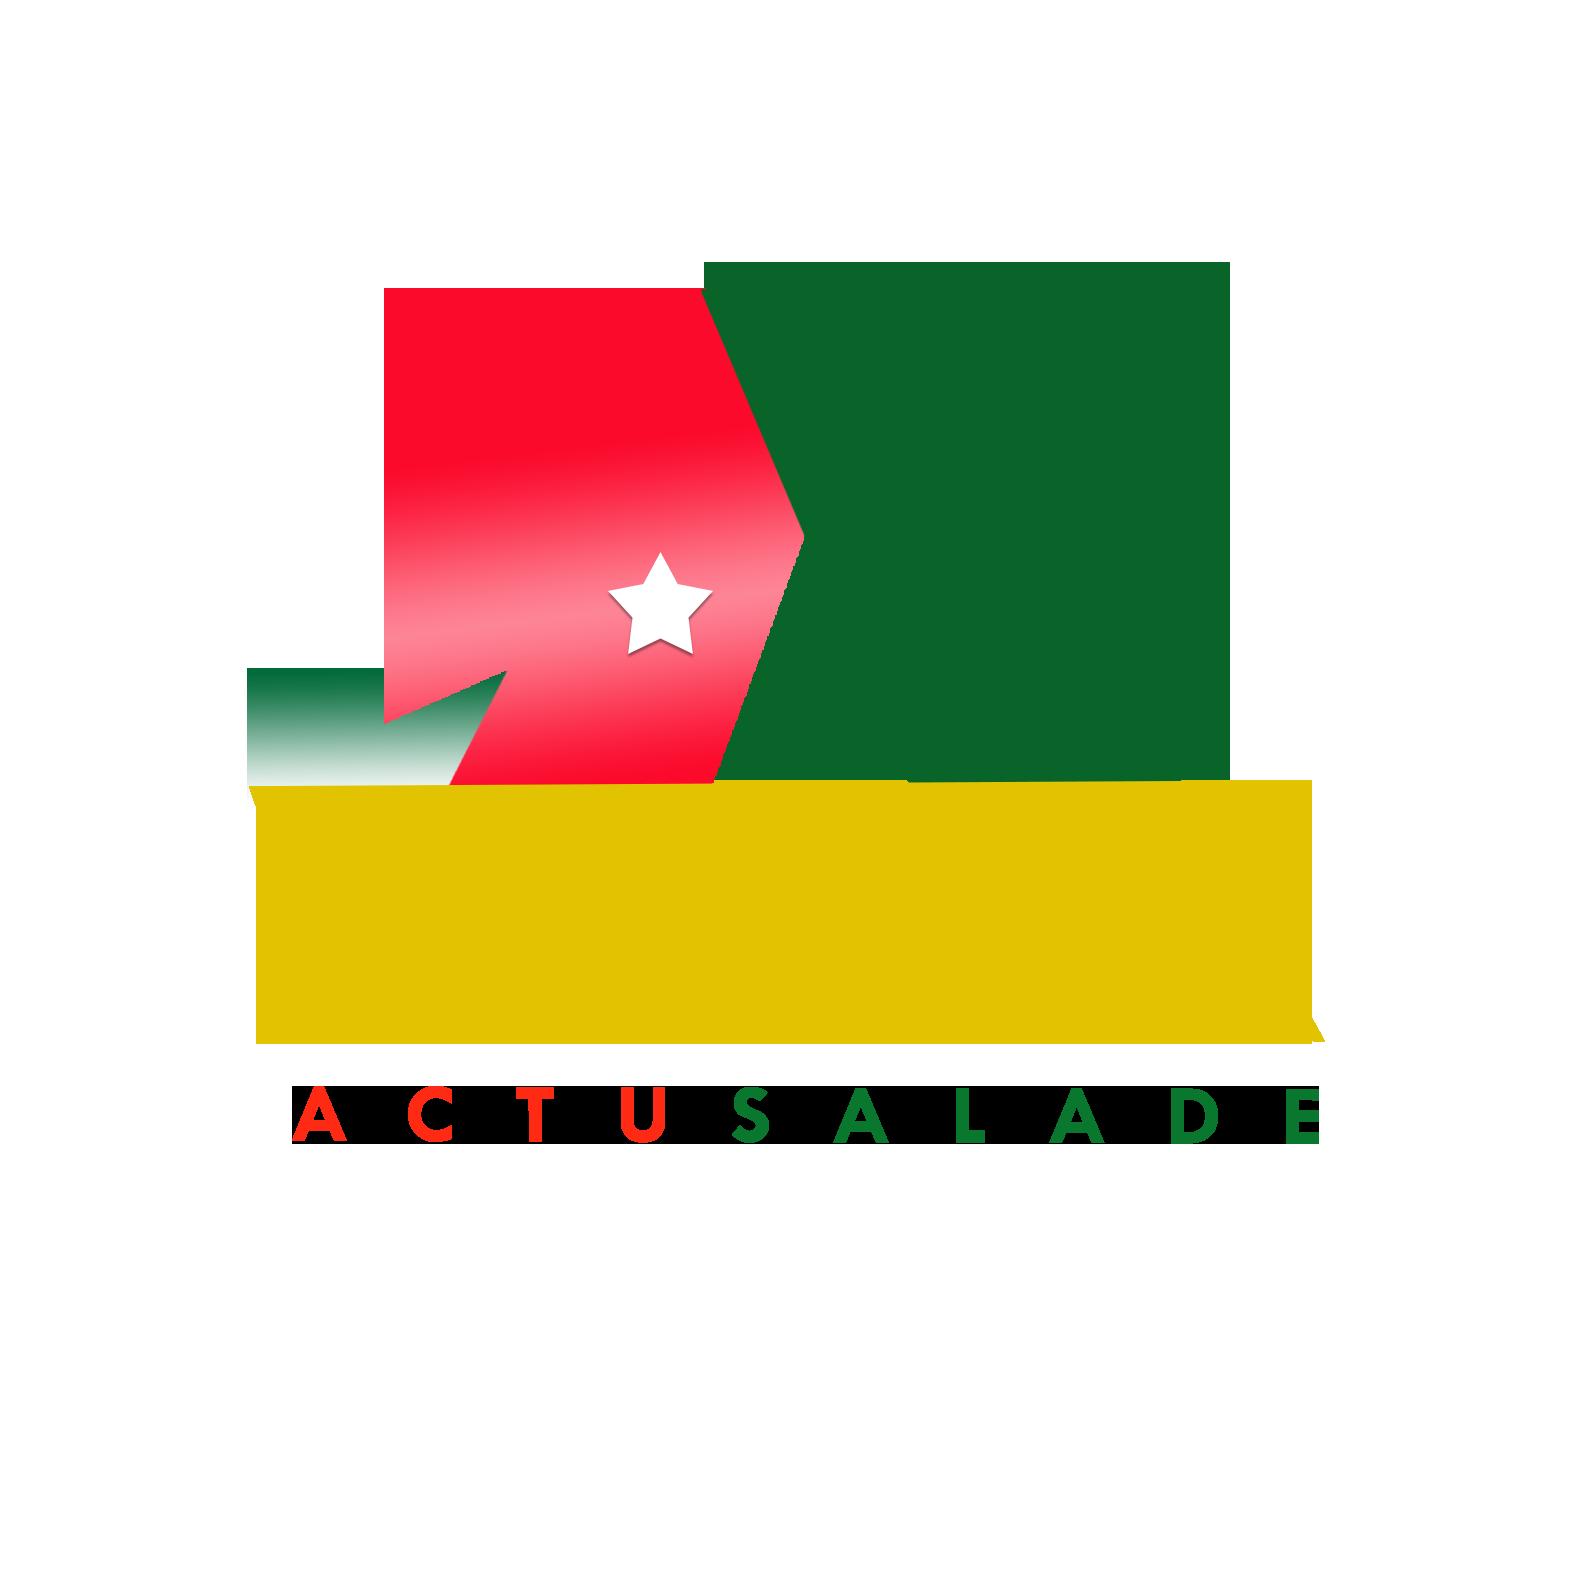 ActuSalade